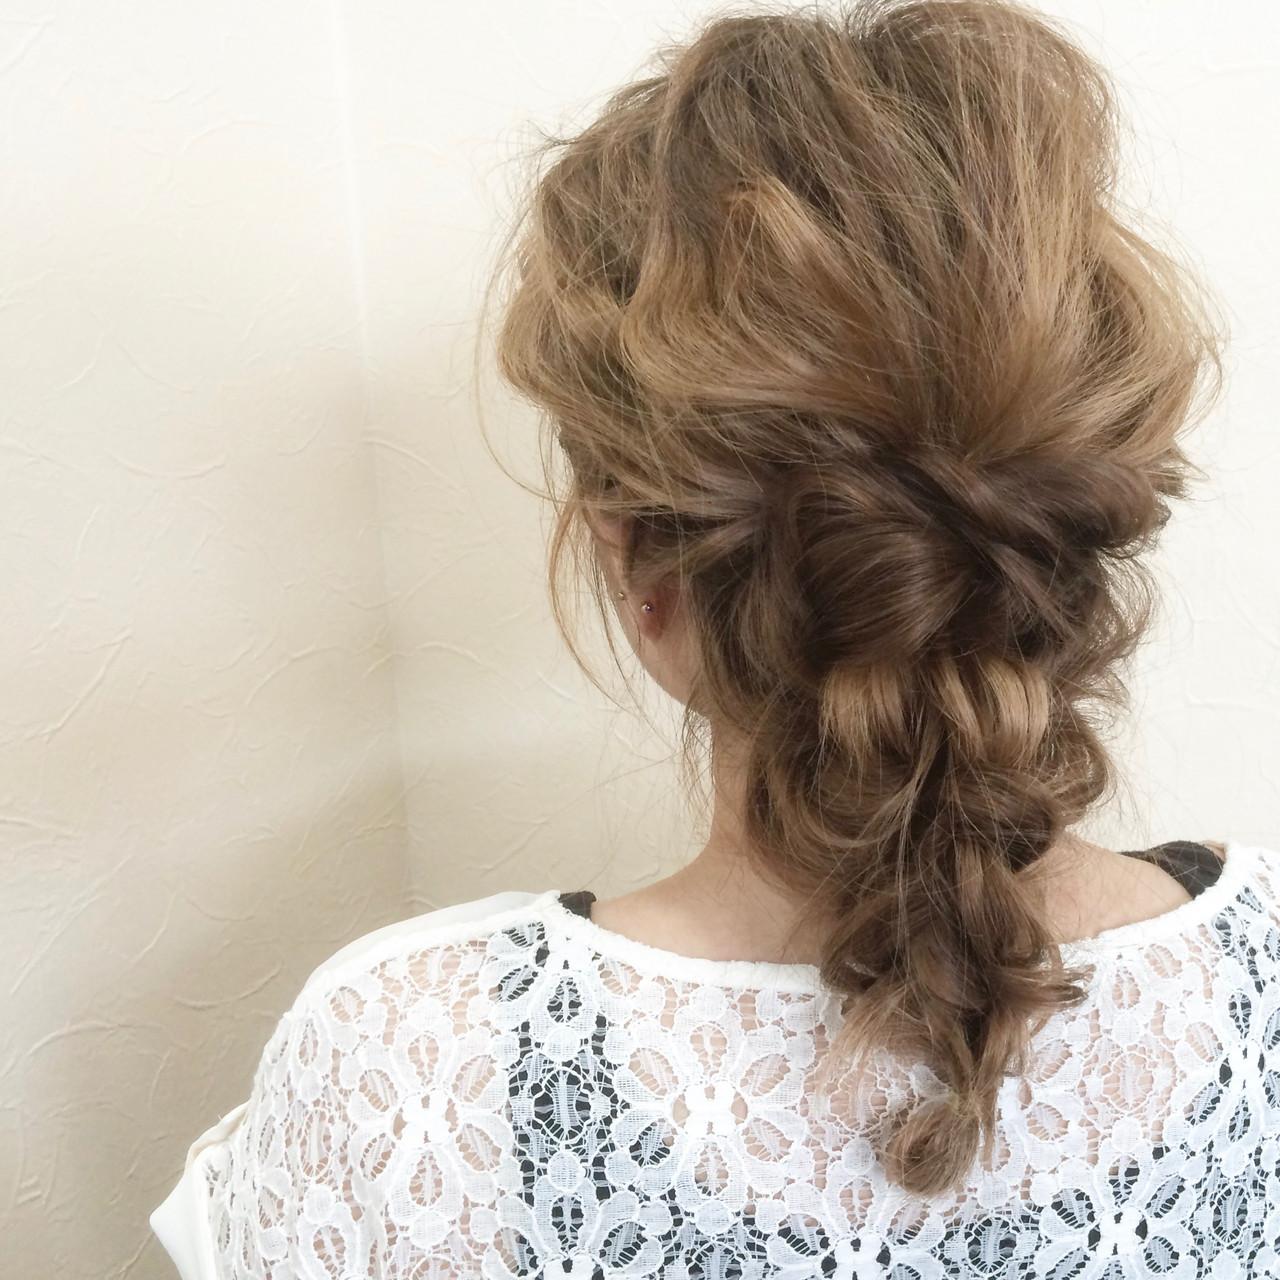 ガーリー ロング ヘアアレンジ ふわふわヘアアレンジ ヘアスタイルや髪型の写真・画像